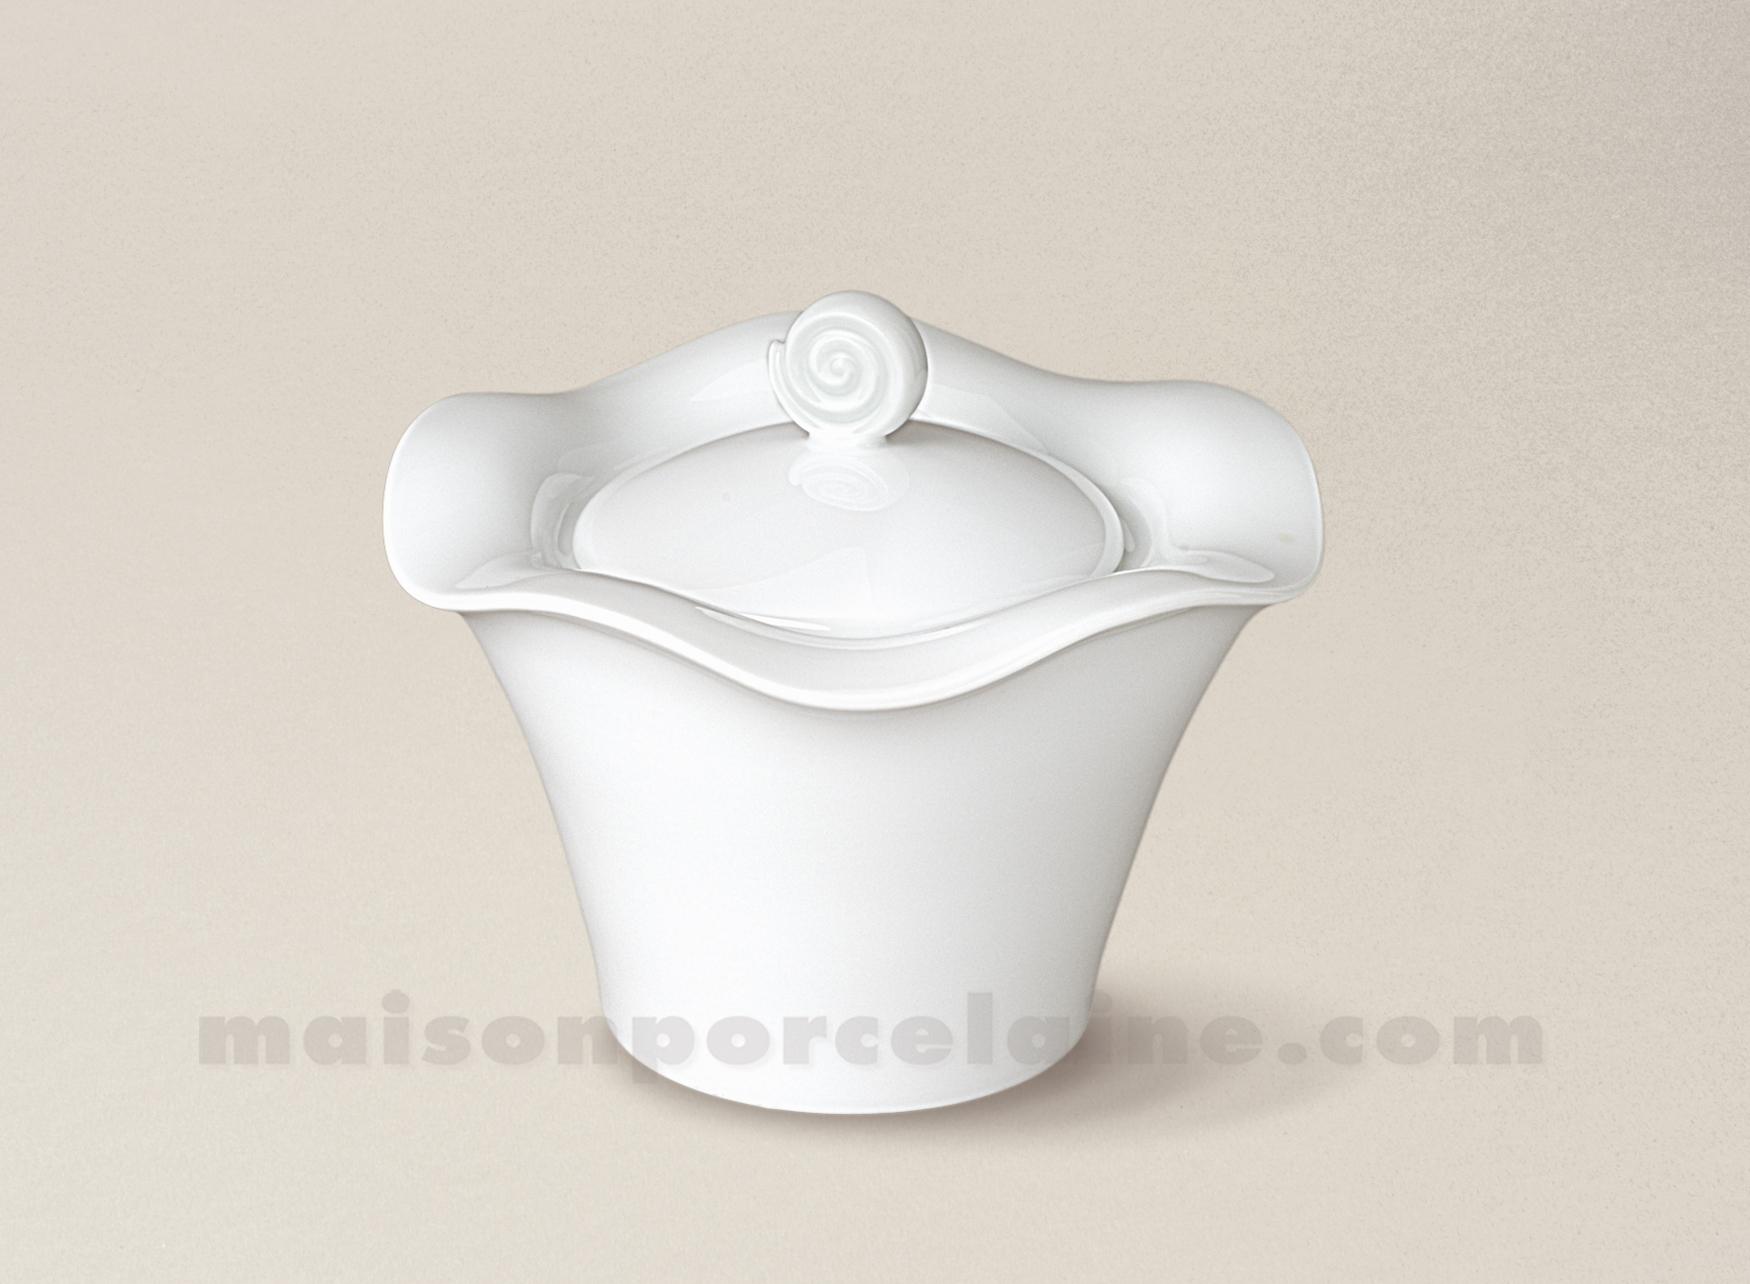 Sucrier porcelaine blanche gala 13x11 maison de la porcelaine - La porcelaine blanche ...